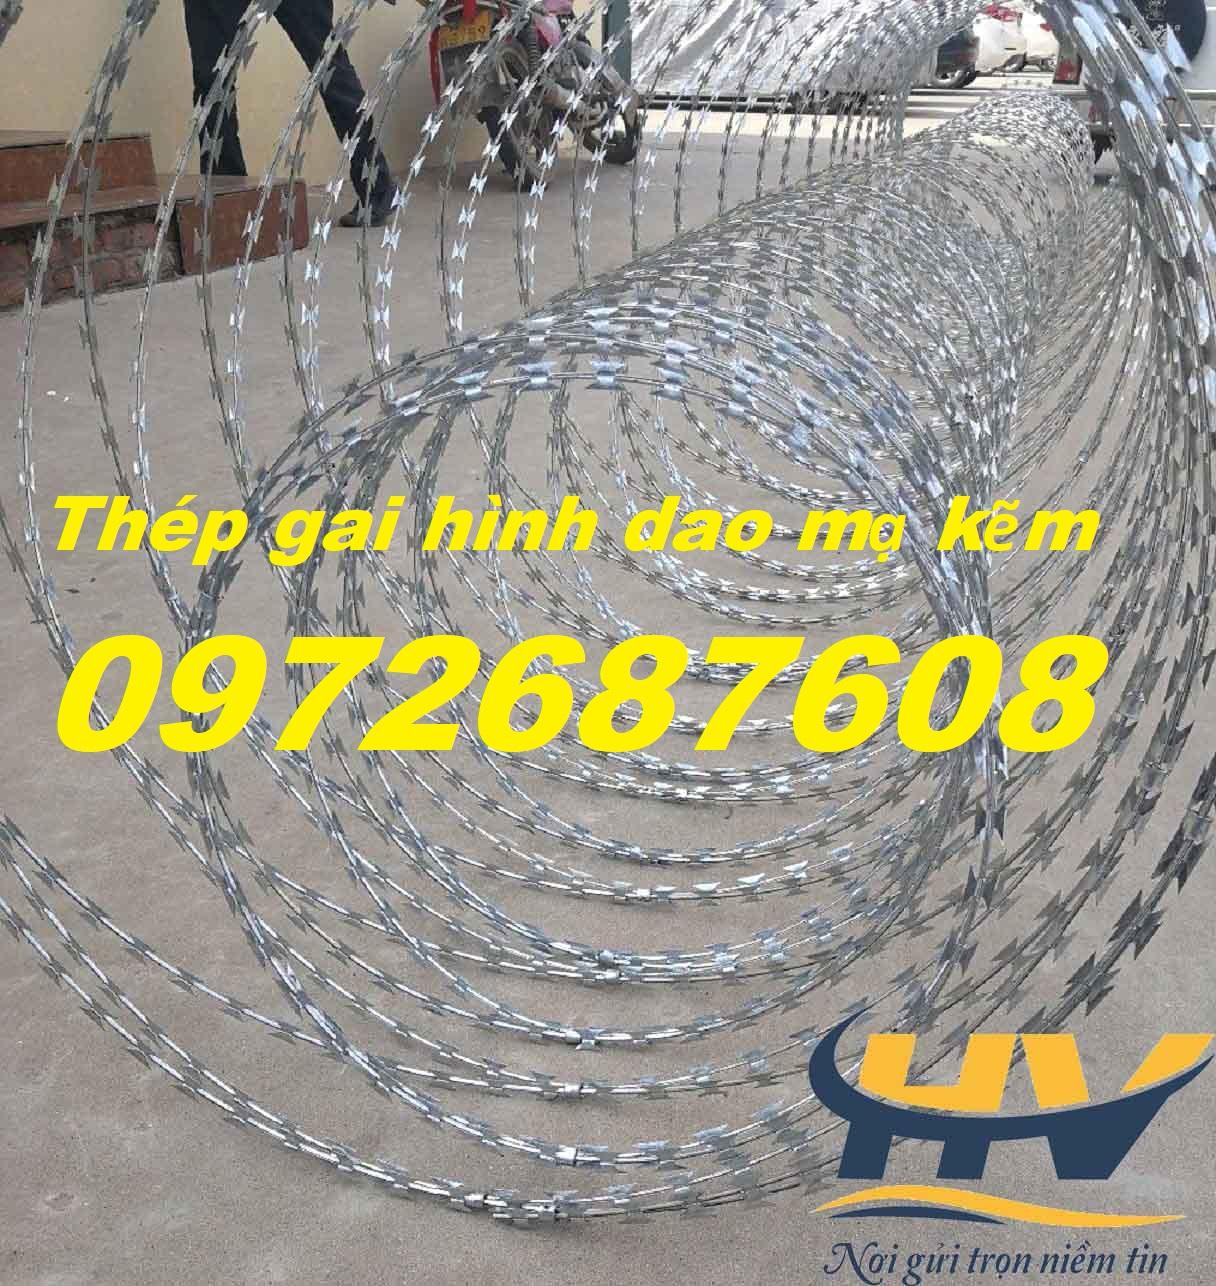 Dây thép gai hình lưới dao được mạ kẽm làm hàng rào chống trộm